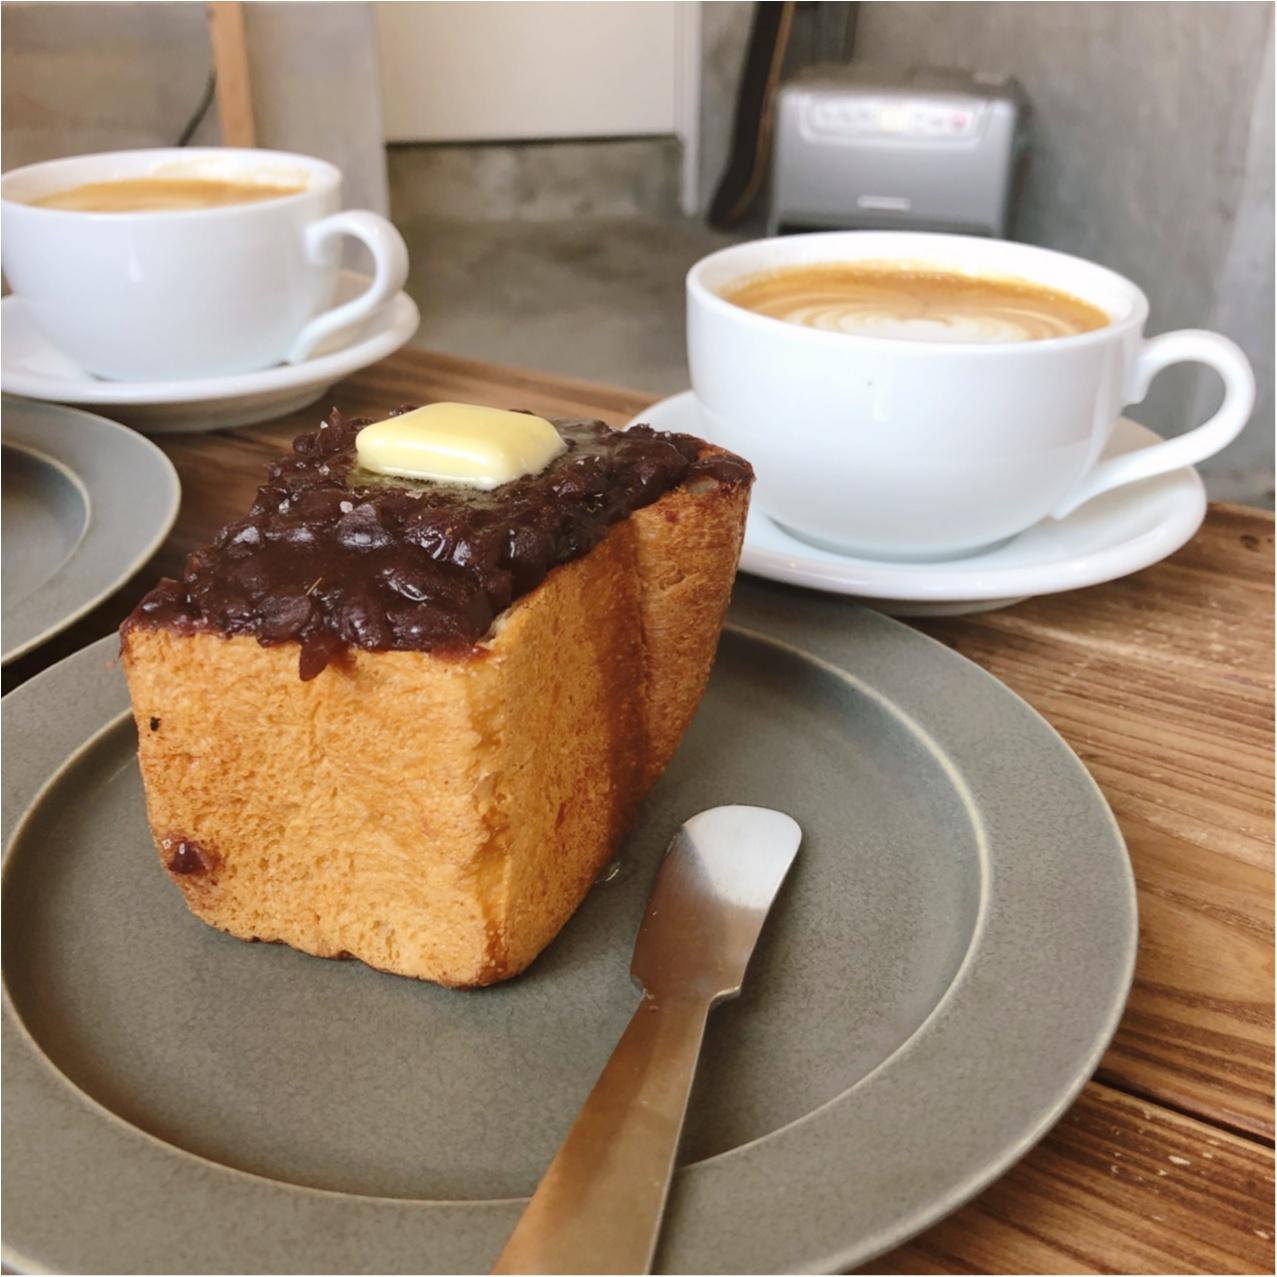 福岡で見つけたおしゃれカフェ♡  たっぷりのあんバタートーストとコーヒーが絶品なんです♡_5